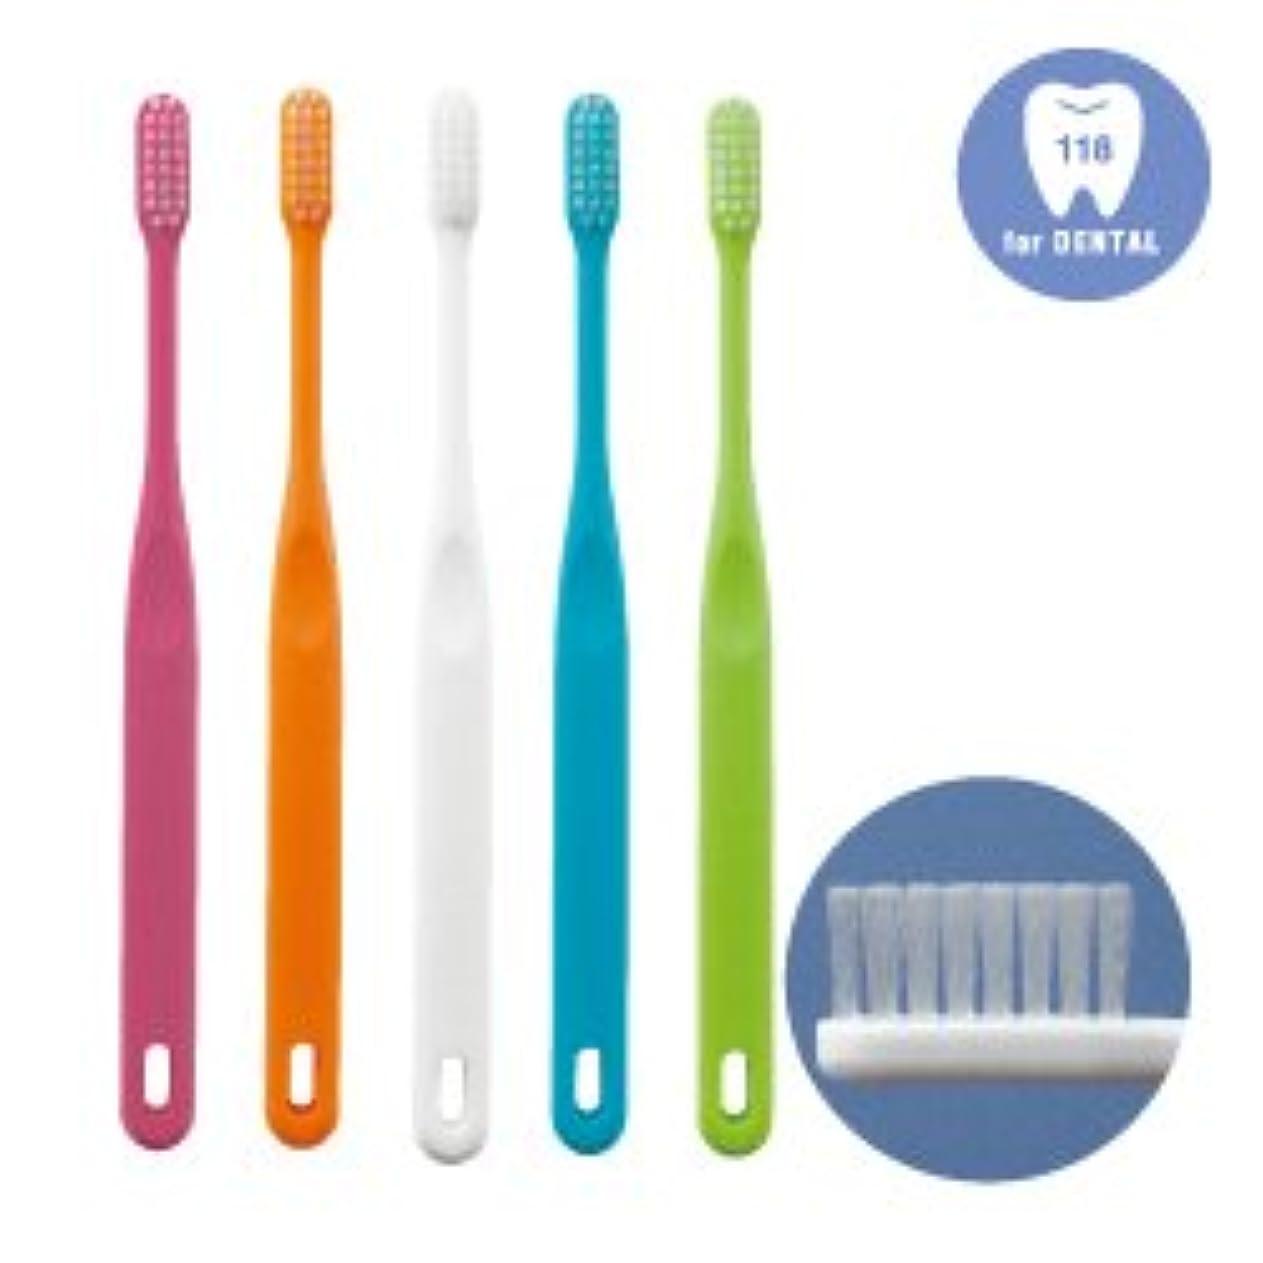 飾る解凍する、雪解け、霜解け誕生日歯科専用歯ブラシ「118シリーズ」Advance(アドバンス)M(ふつう)25本